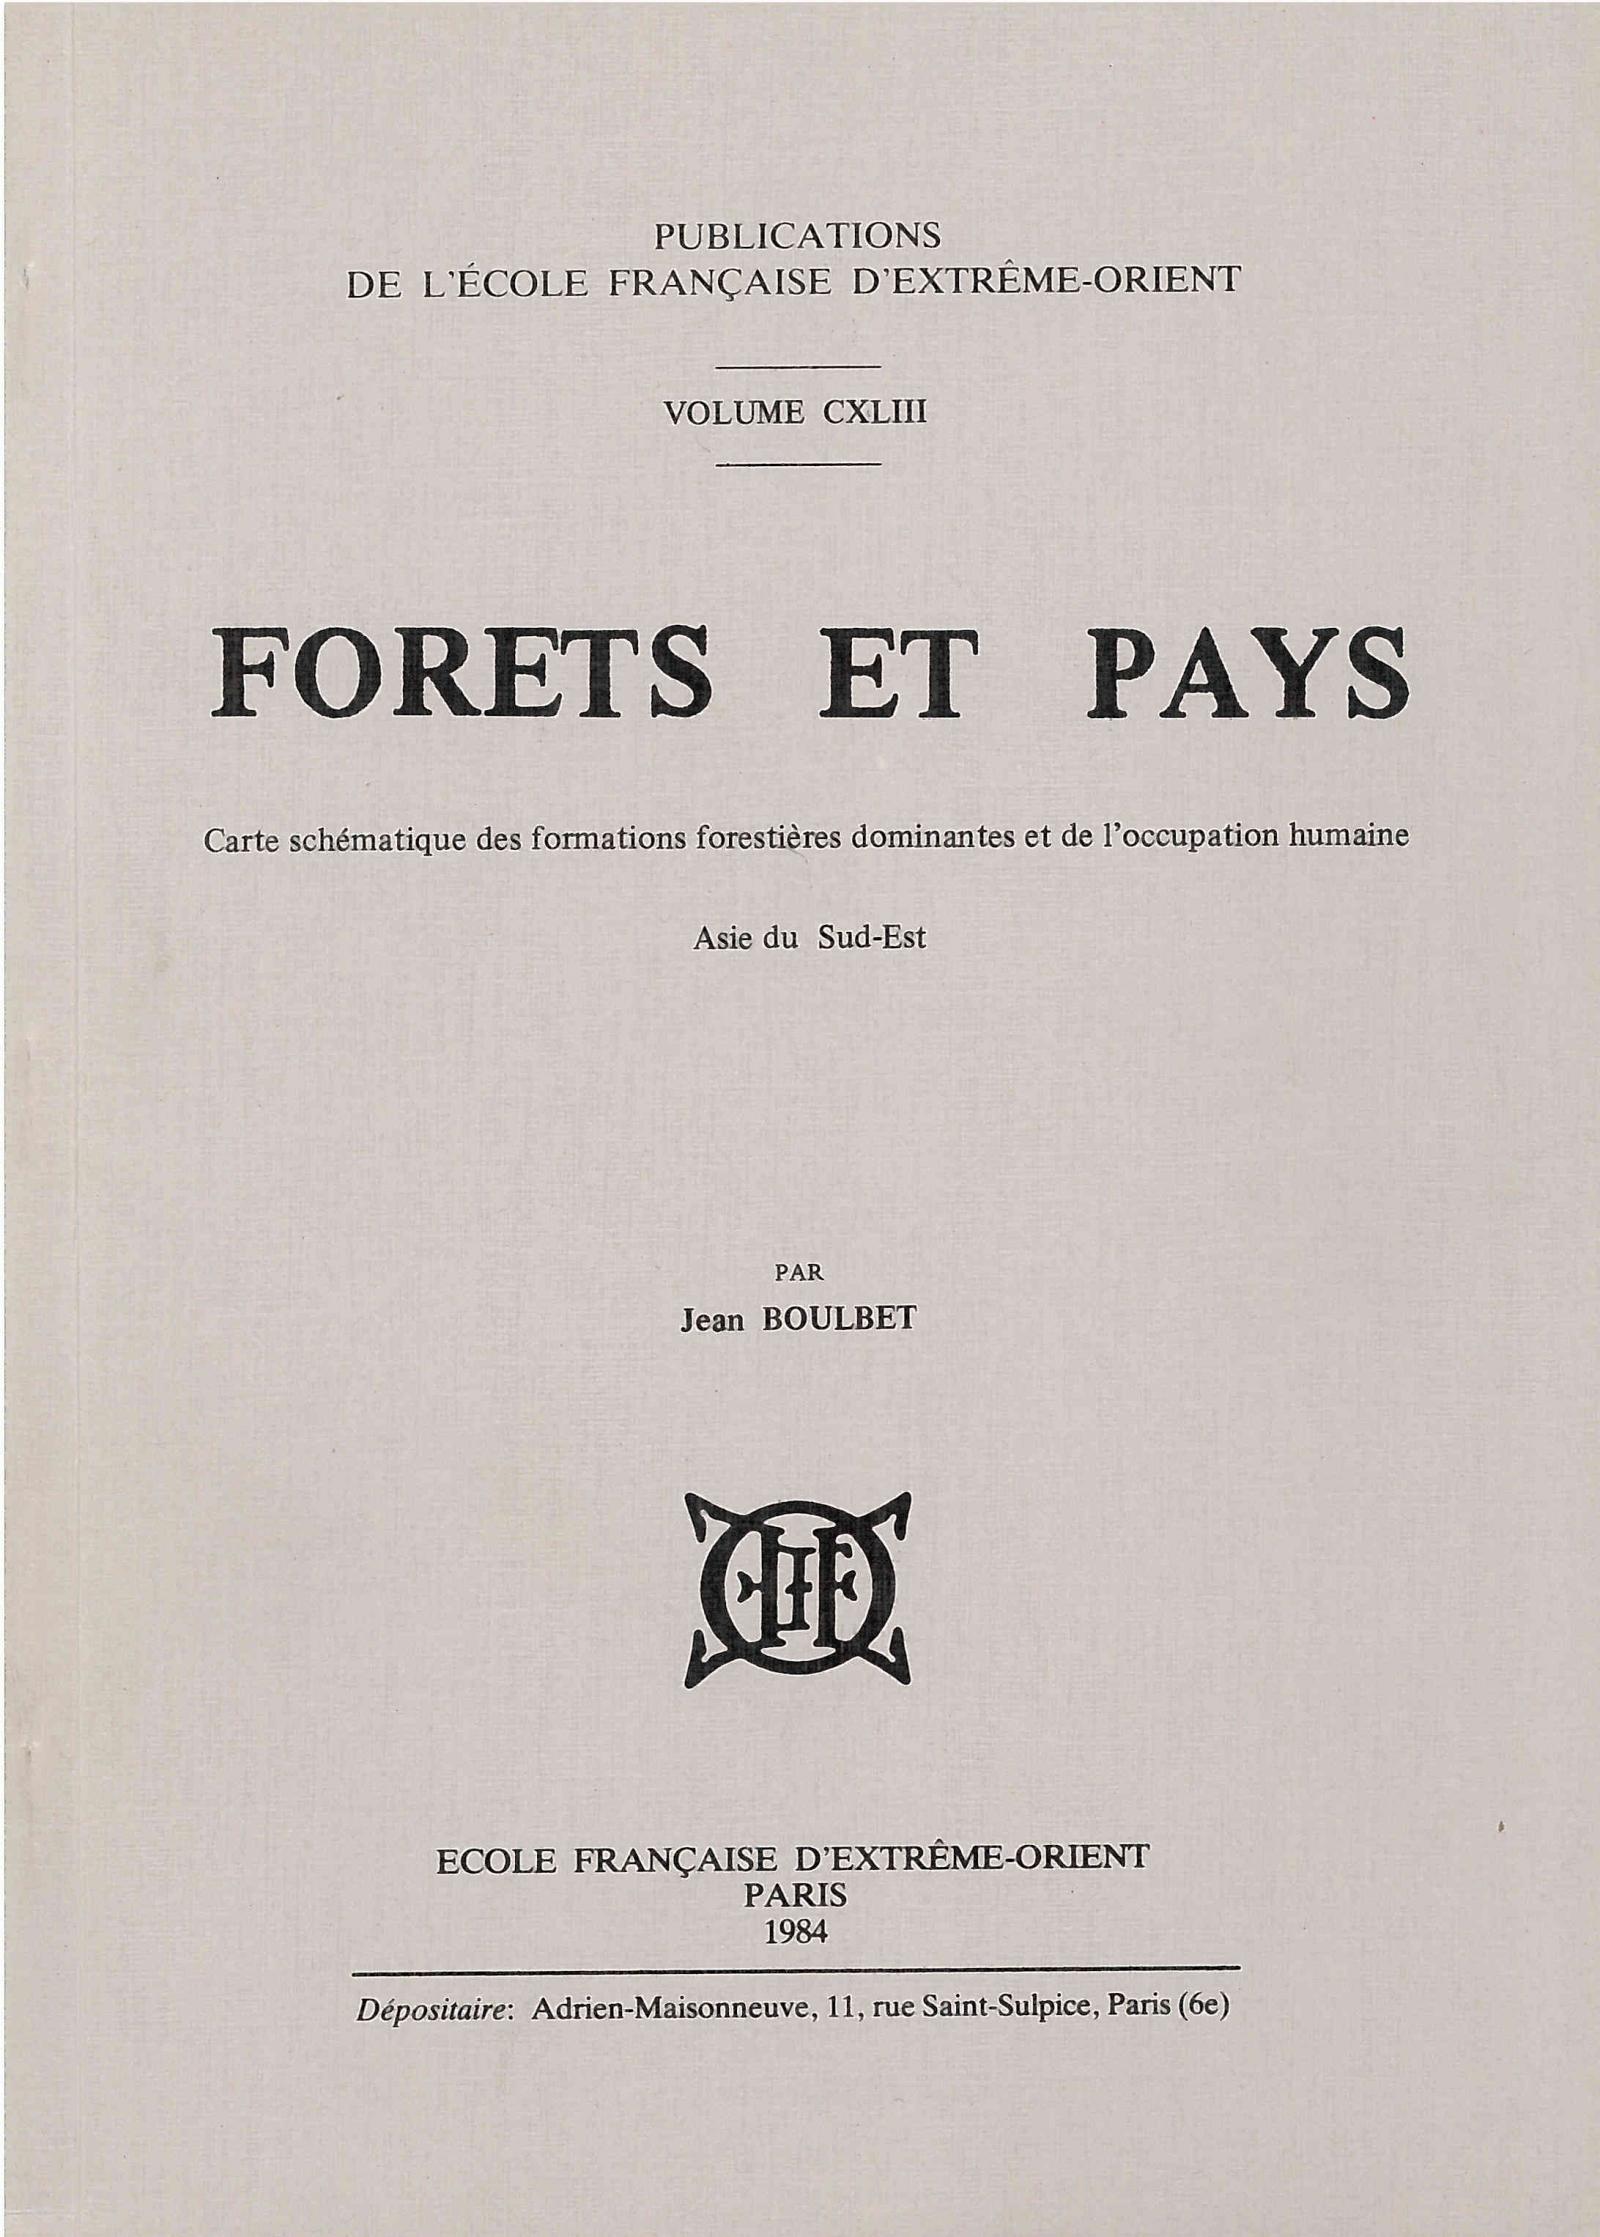 Forêts et pays : carte schématique des formations forestières dominantes et de l'occupation humaine, Asie du sud-est